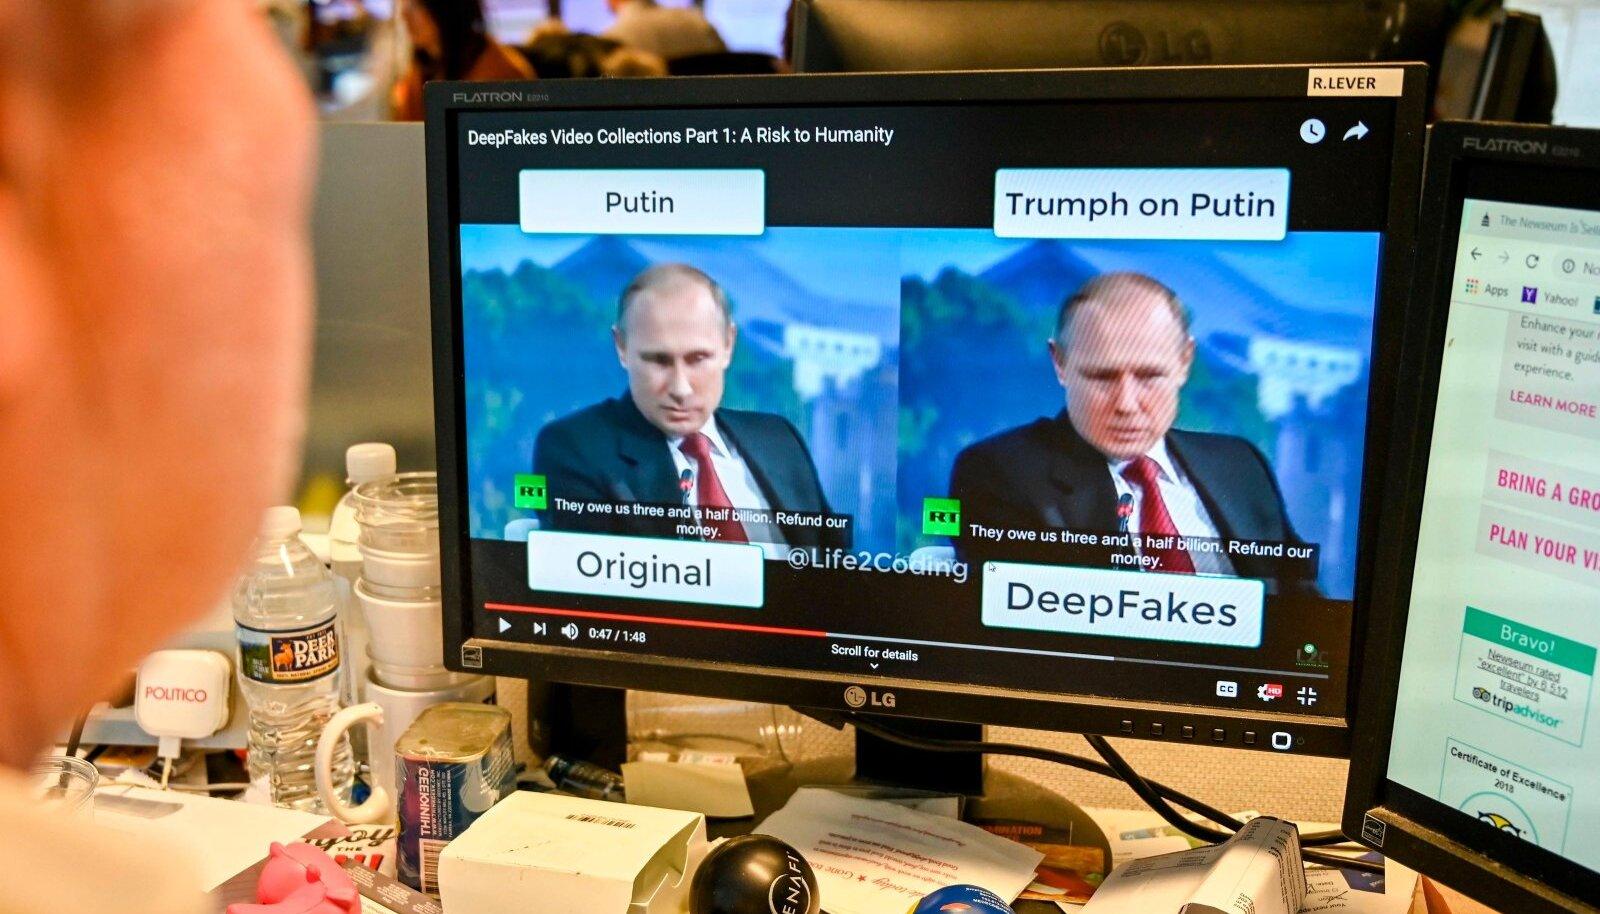 Deepfake tööriistad on muutumas aina täpsemaks ning usutavamaks. Deepfake'idest kujuneb tõenäoliselt lähitulevikus aina suuremaks peavaluks valede eraldamisel tõest.